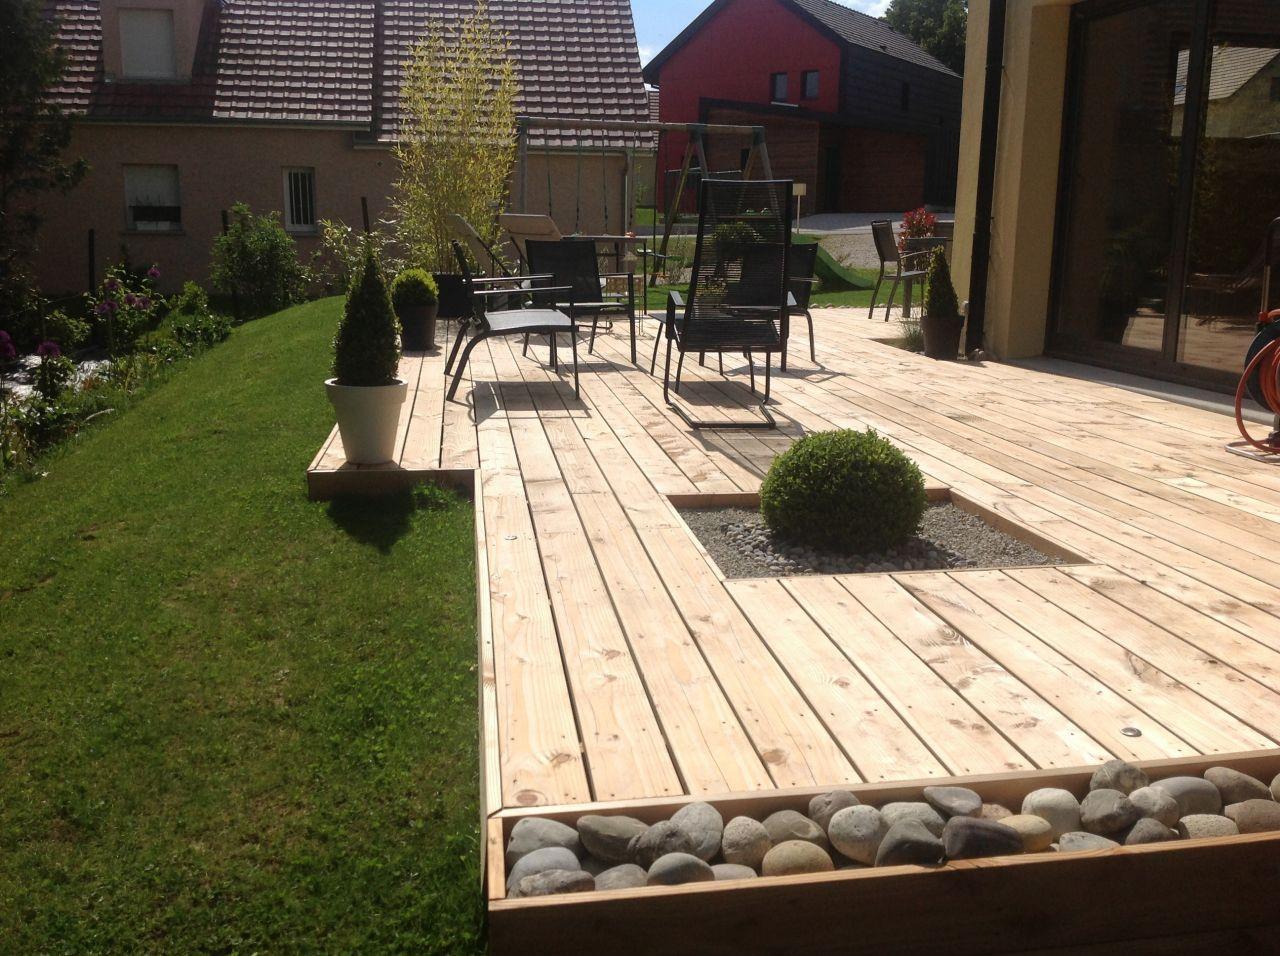 La Maison Cube Par Choupie90 Sur Forumconstruire Com Amenagement Jardin Terrasse Jardin Jardin Exterieur